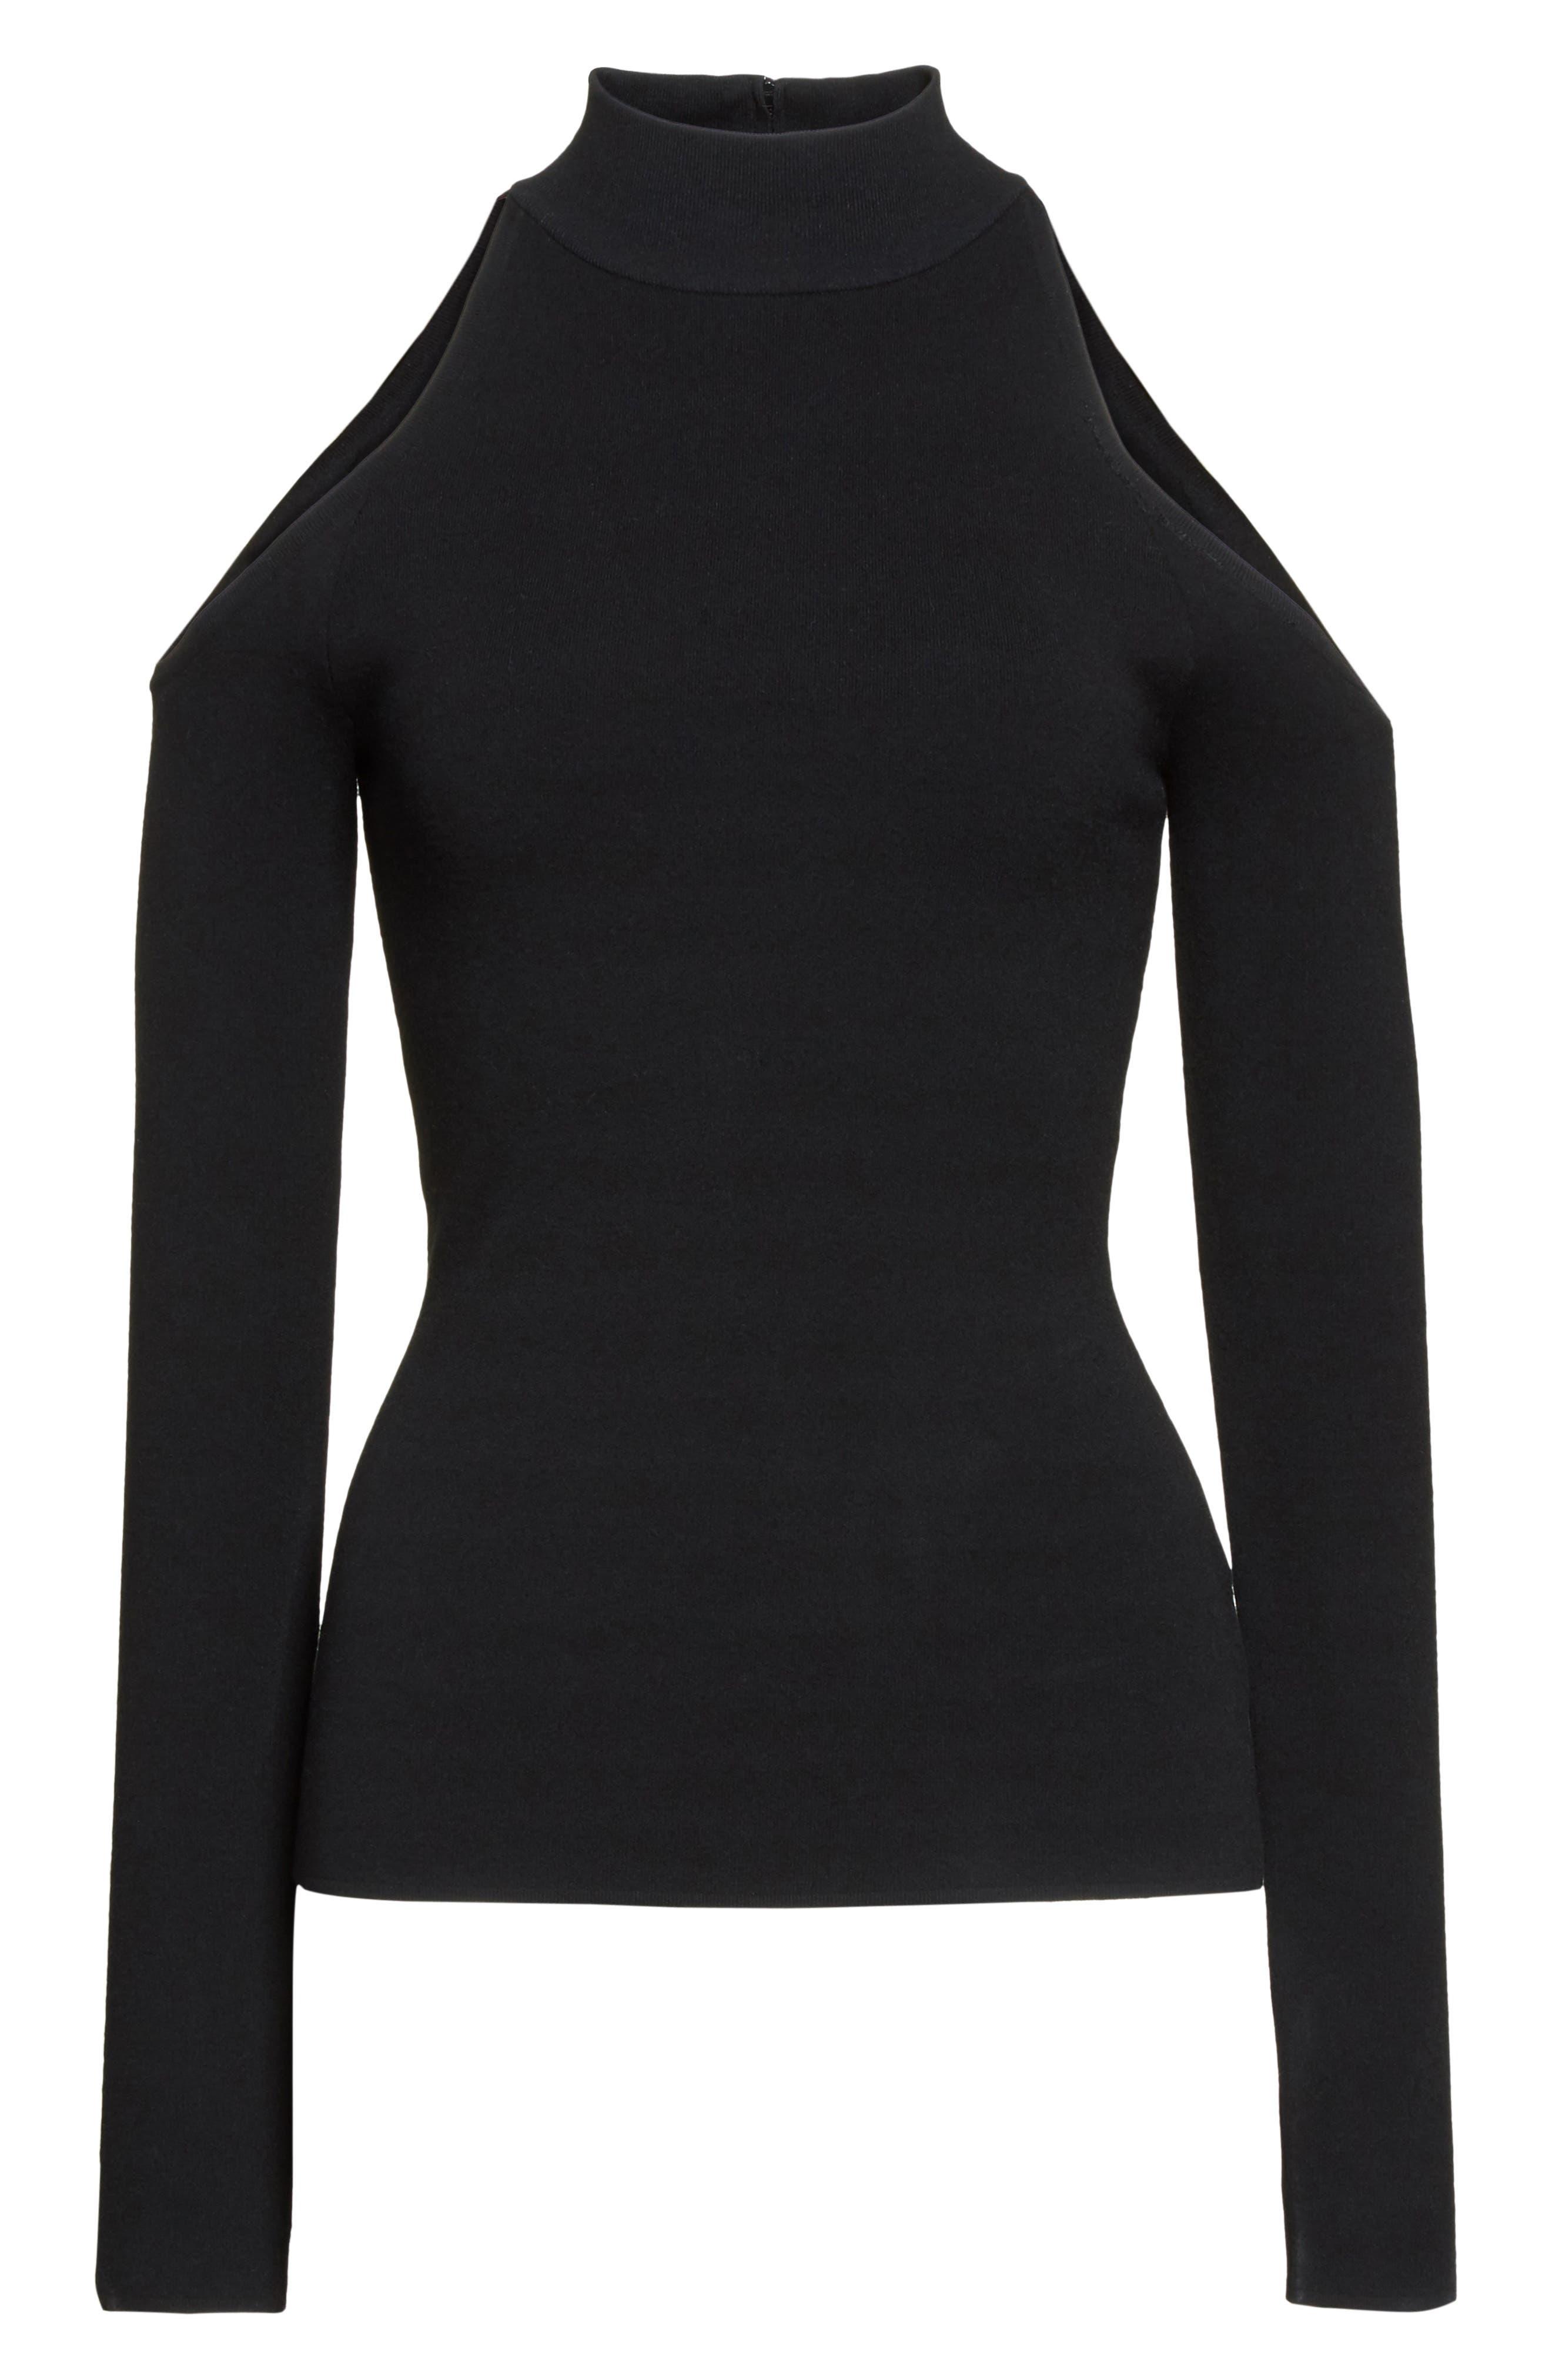 Alternate Image 4  - Michael Kors Cold Shoulder Stretch Knit Top